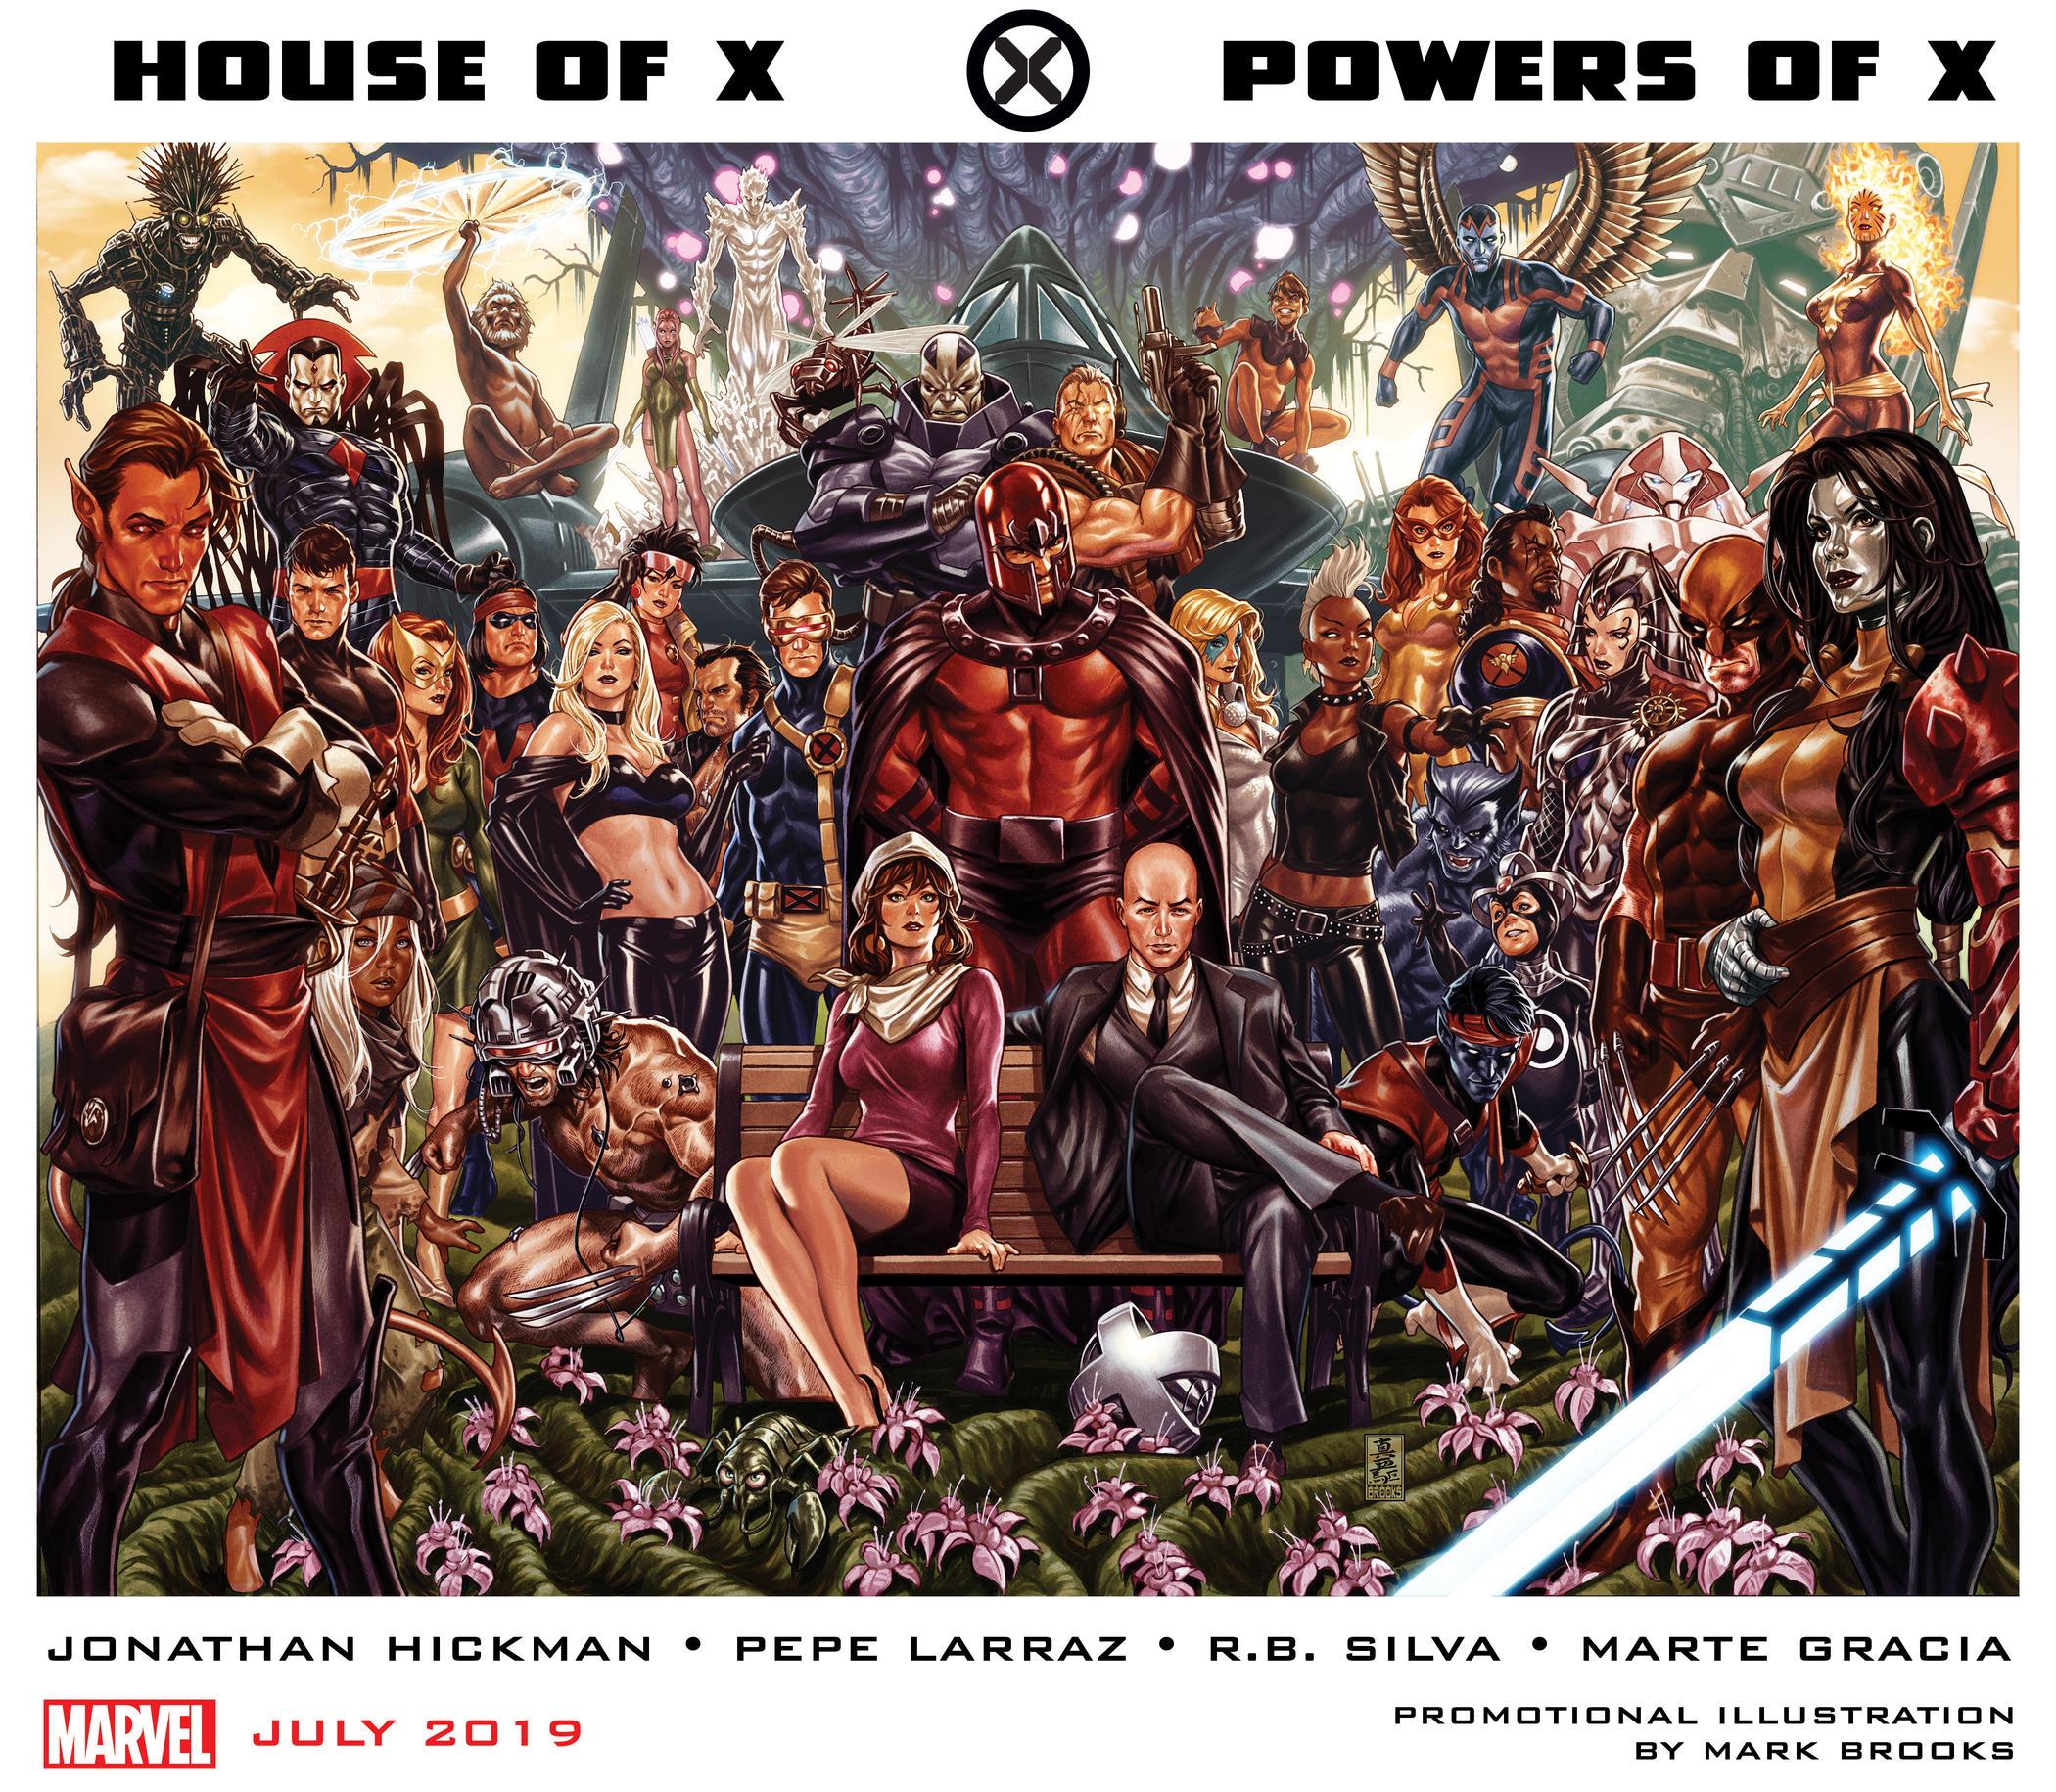 Marvel Fresh - najlepsze komiksy i eventy, które ukazał się w USA: House of X/Powers of X